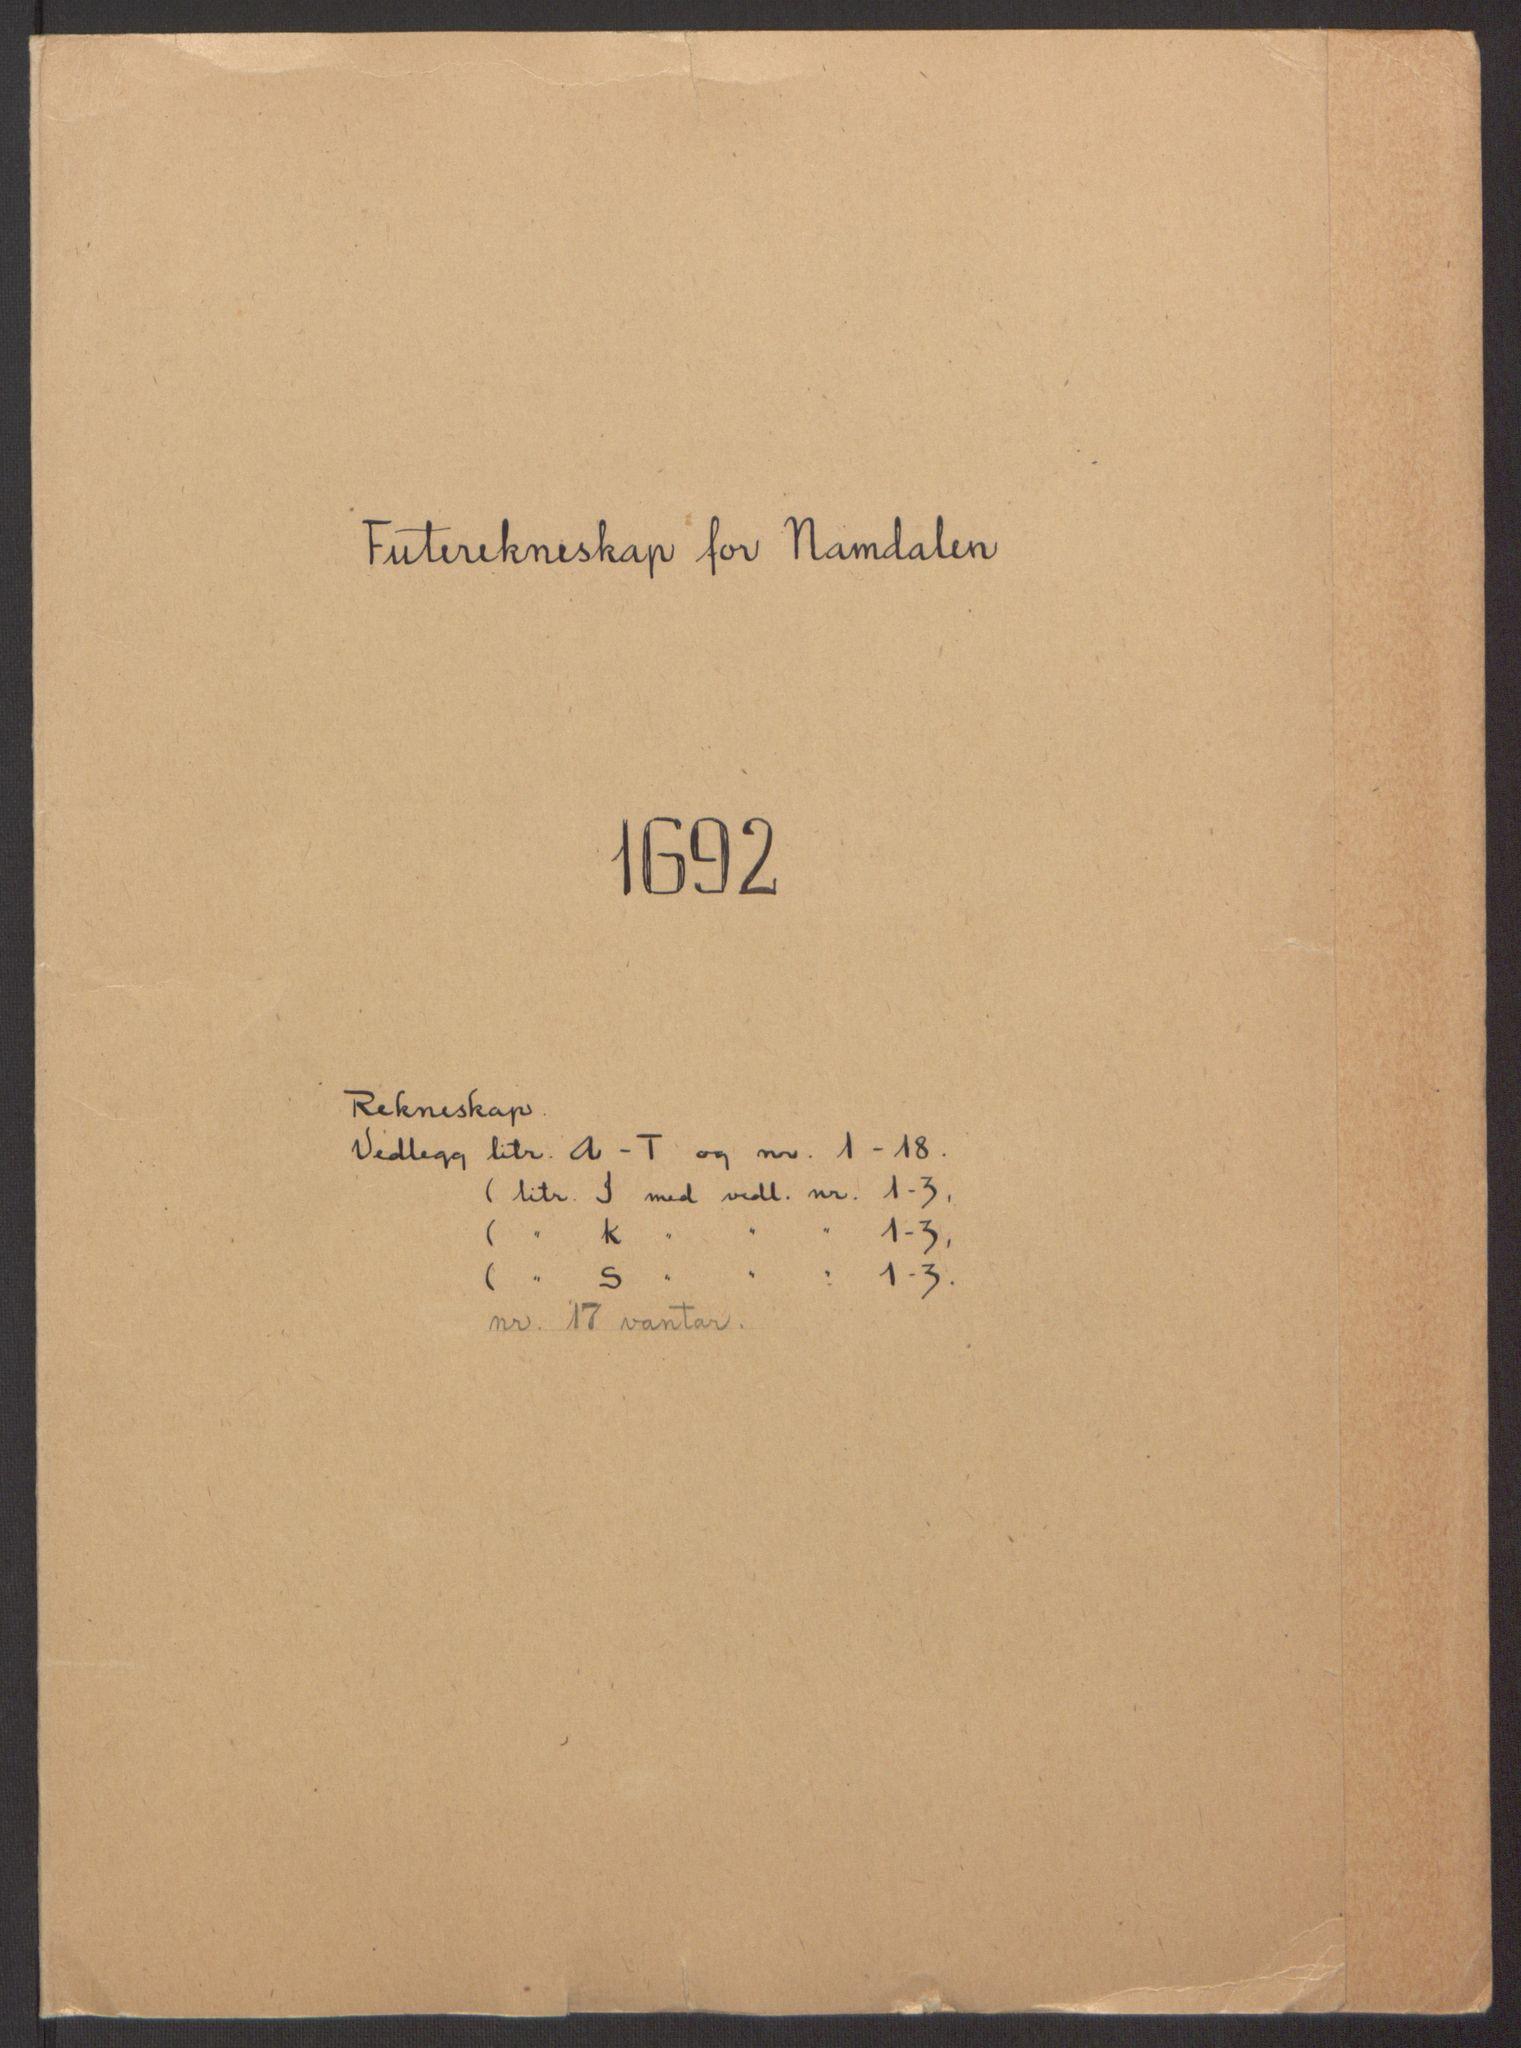 RA, Rentekammeret inntil 1814, Reviderte regnskaper, Fogderegnskap, R64/L4424: Fogderegnskap Namdal, 1692-1695, s. 2